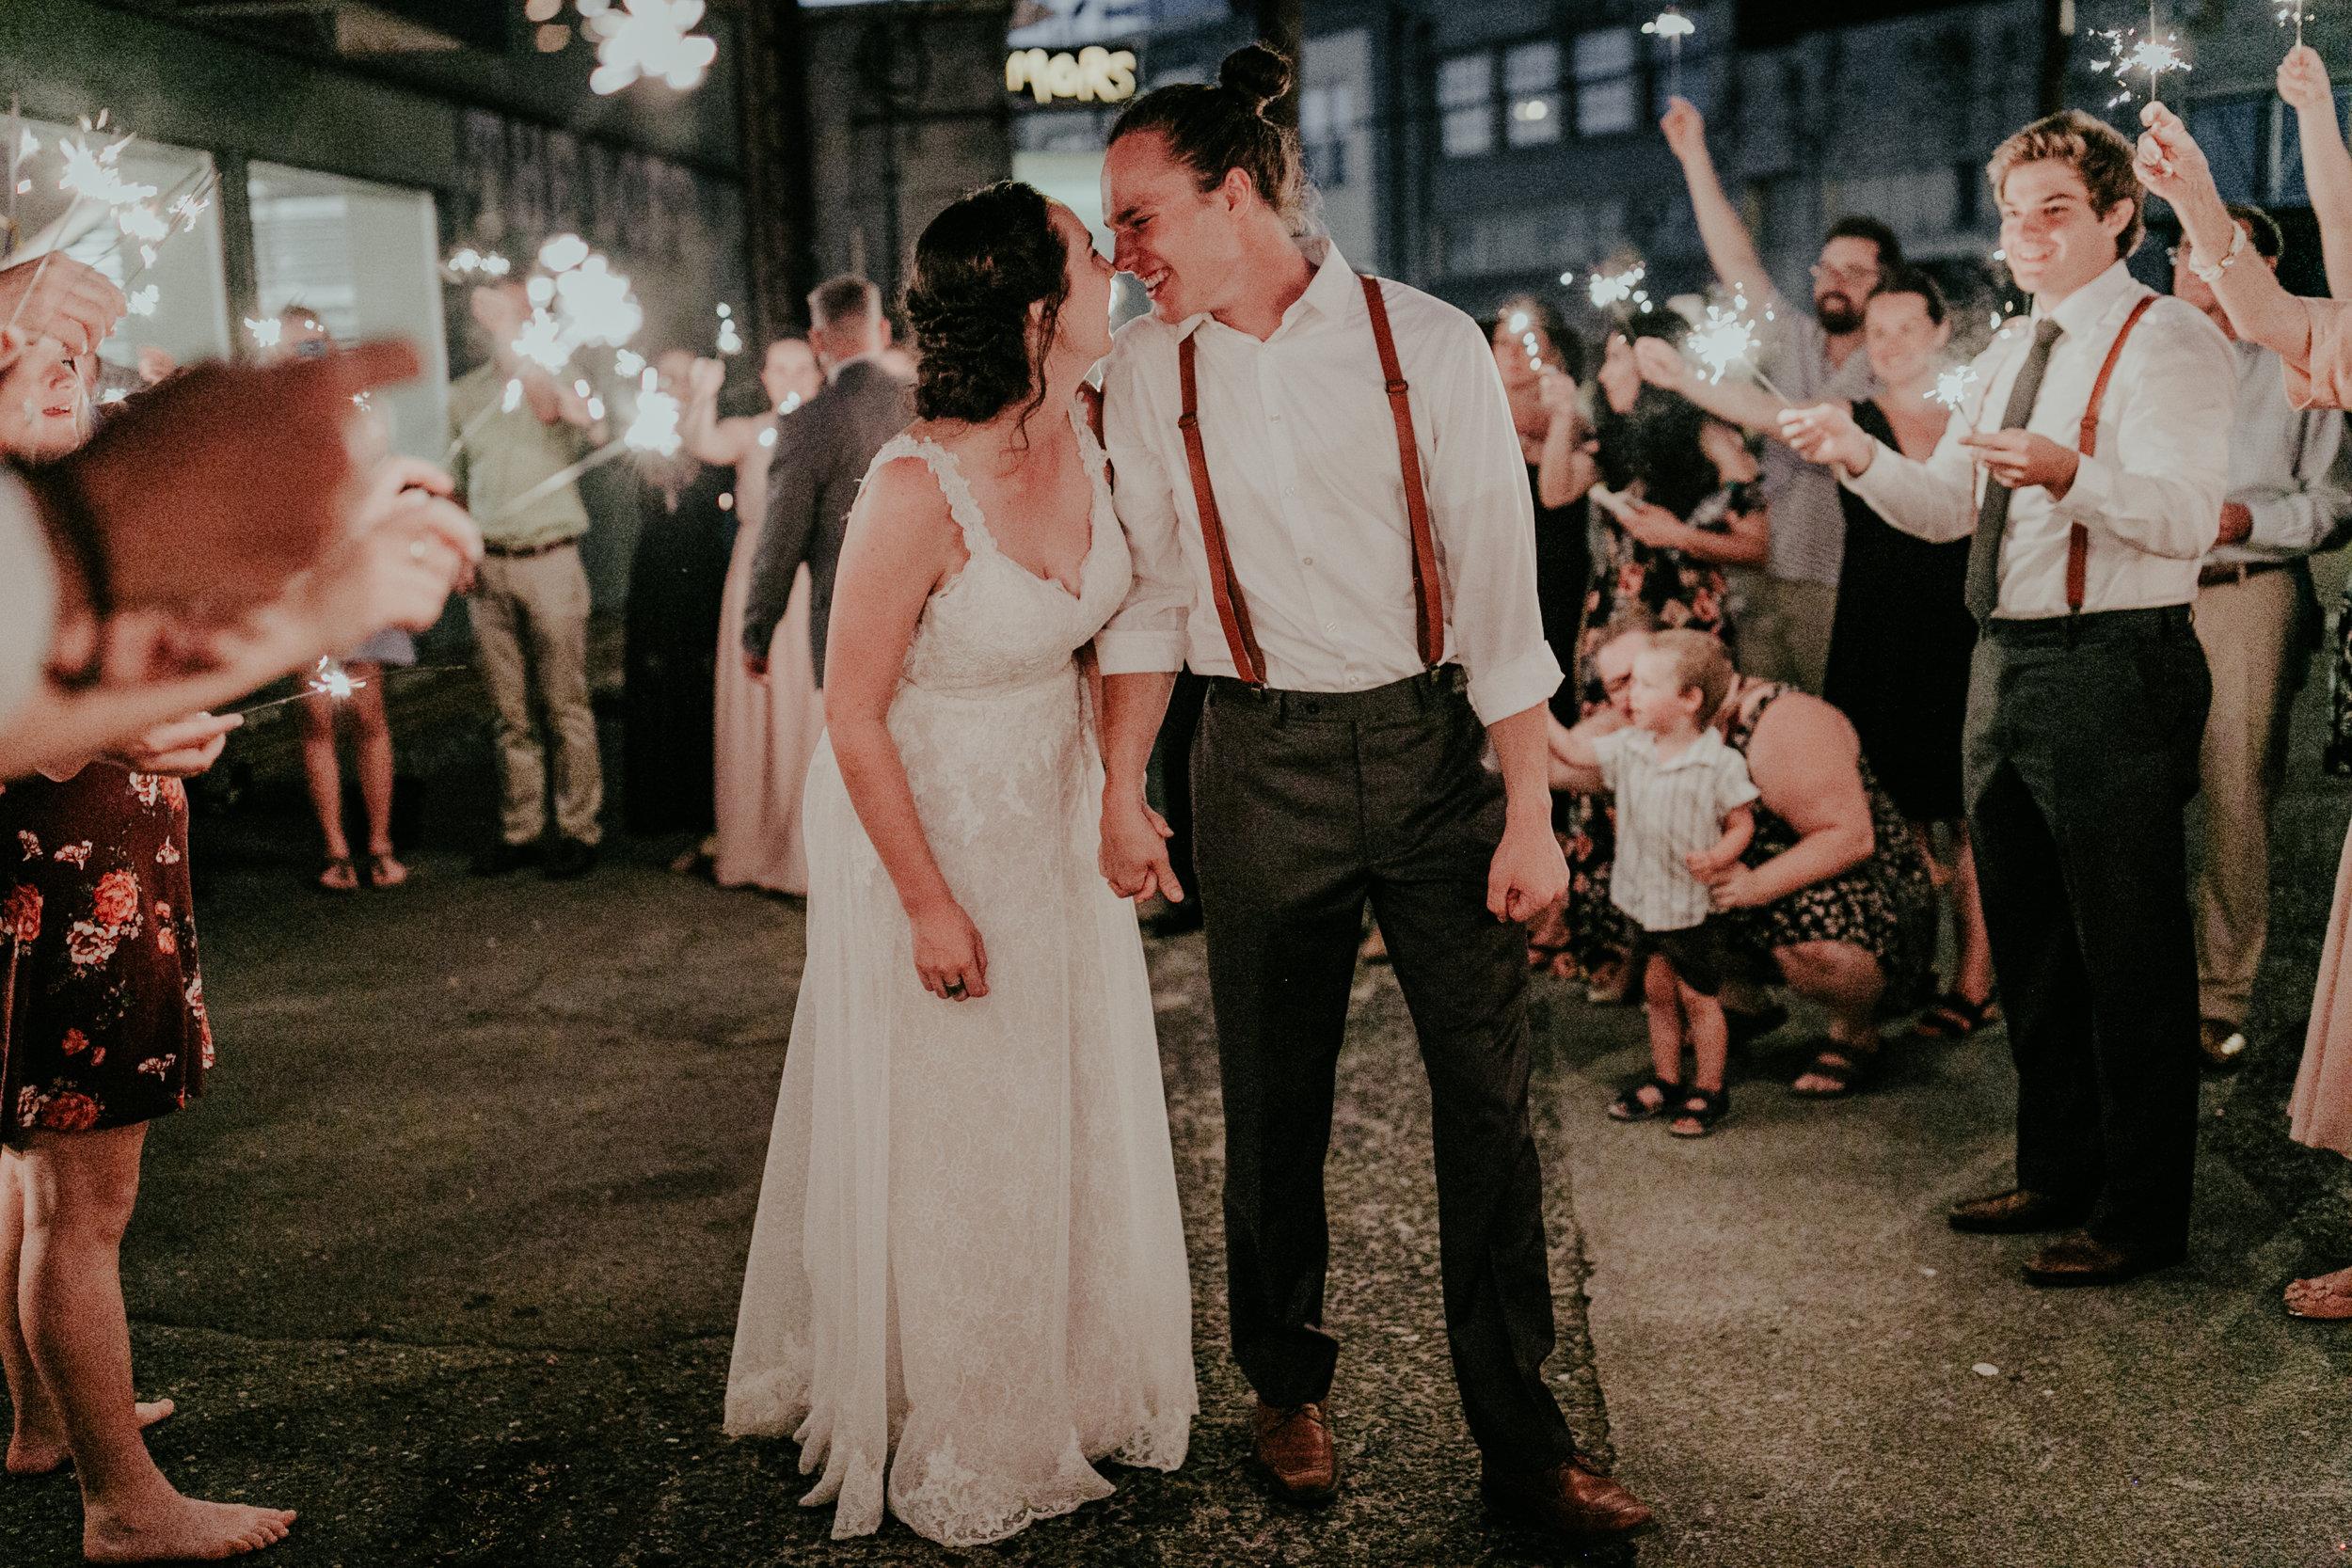 corrie_josiah_wedding-721.jpg